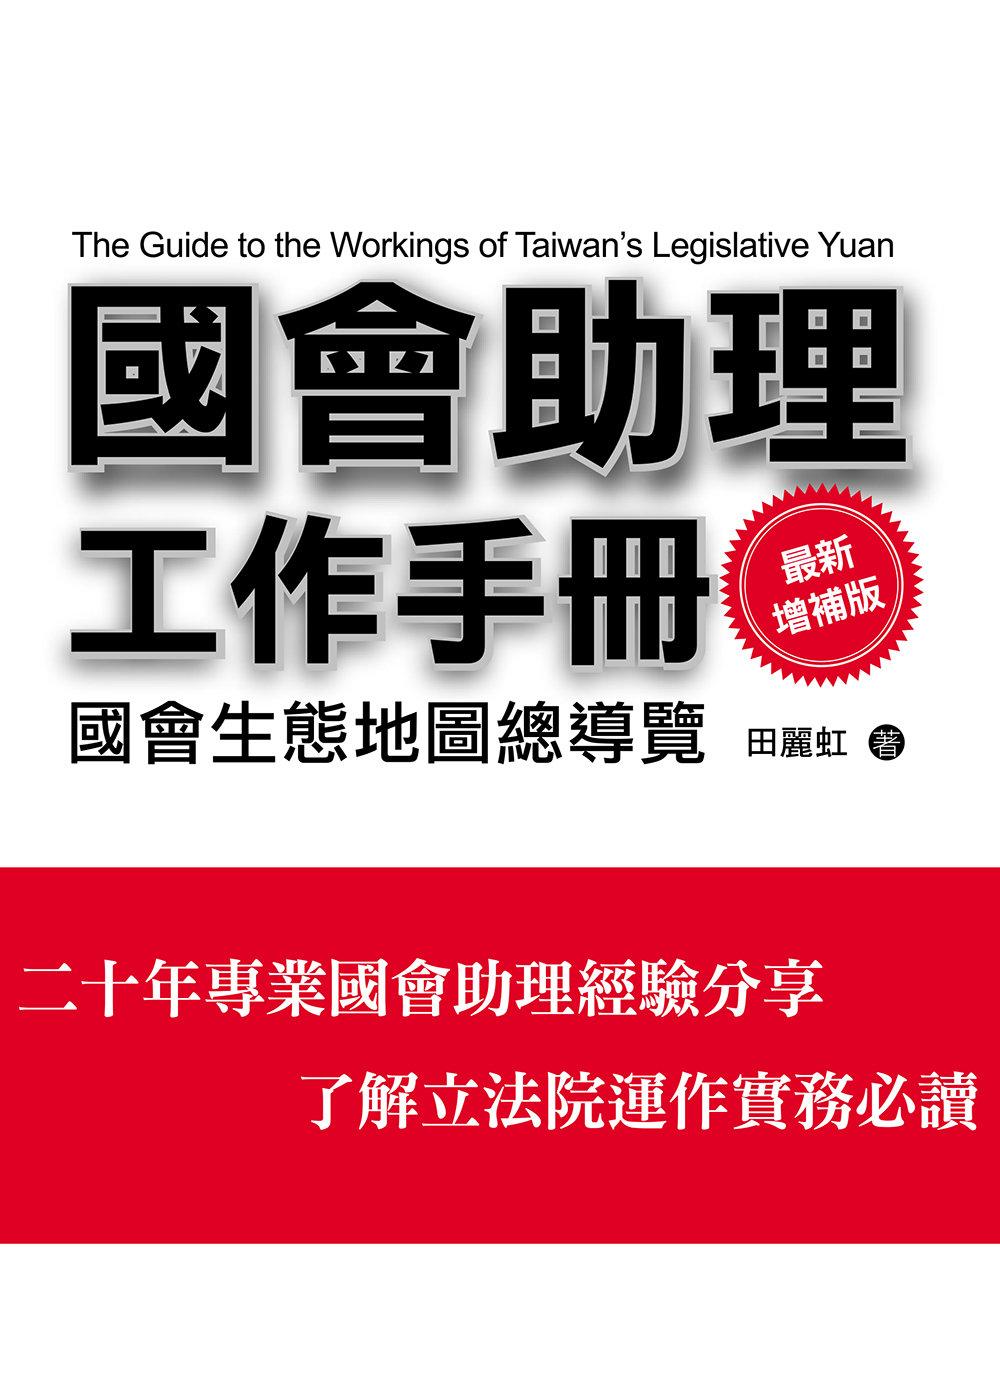 國會助理工作手冊 (最新增補版)-preview-1